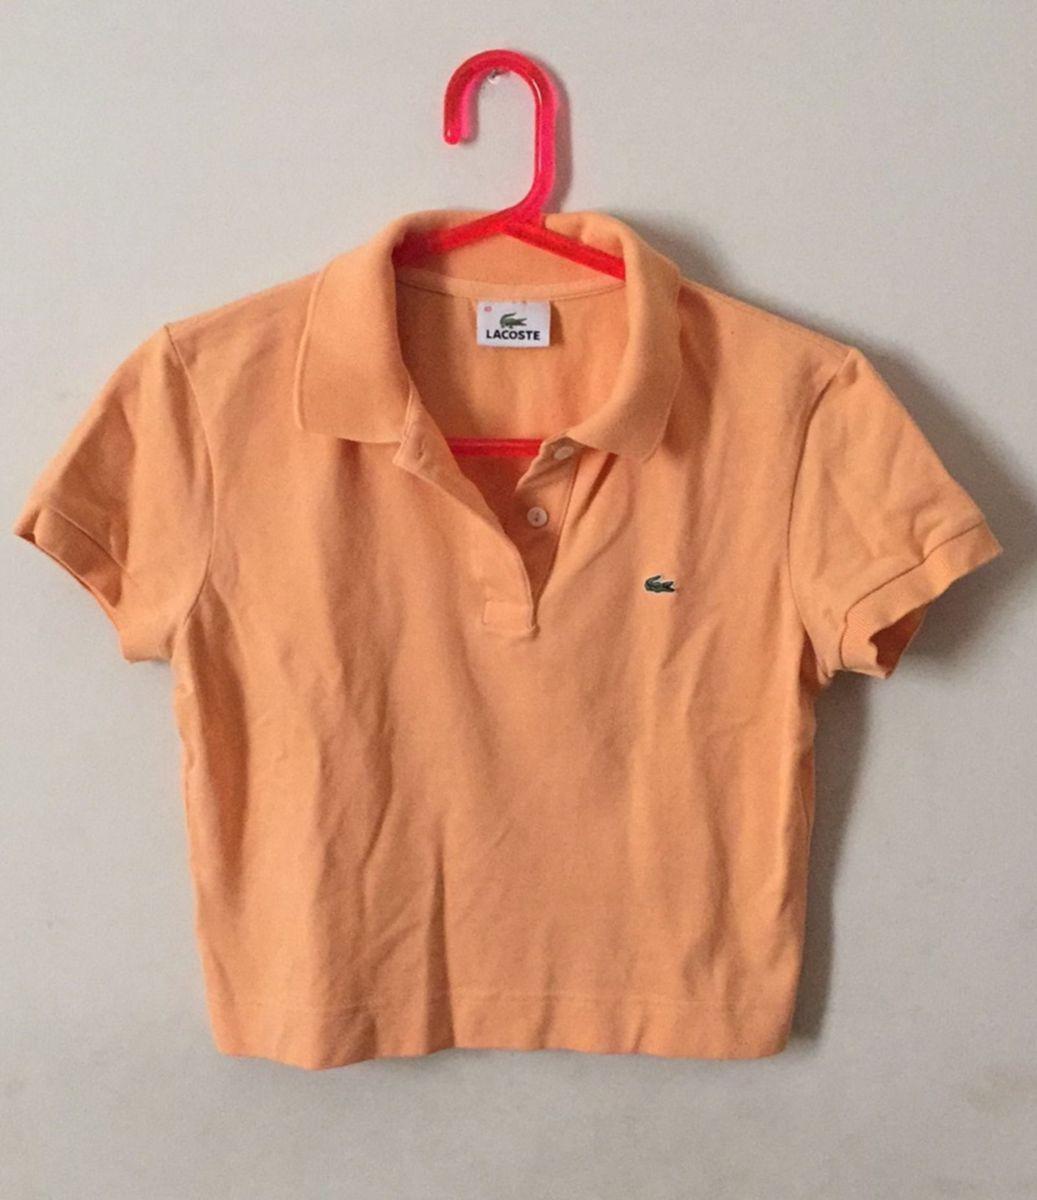 cropped lacoste - camisas lacoste.  Czm6ly9wag90b3muzw5qb2vplmnvbs5ici9wcm9kdwn0cy82ntkwmdy2lzawmdbiotqxzgi2yjrhnty4y2q4zdjimjvkzmnlmwzmlmpwzw  ... 0cc211797d